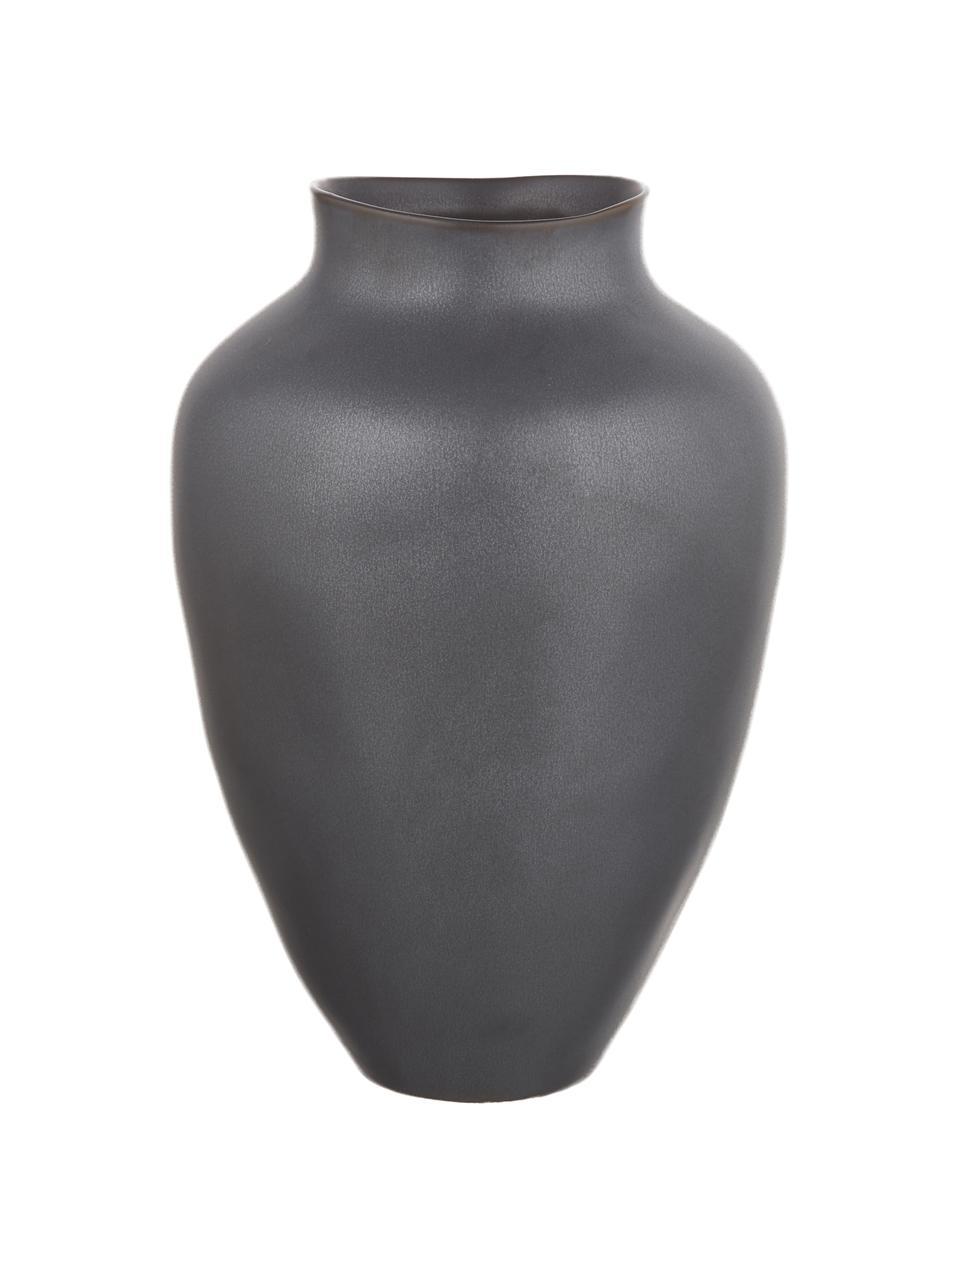 Große handgefertigte Vase Latona aus Keramik, Keramik, Schwarz, matt, Ø 27 x H 41 cm